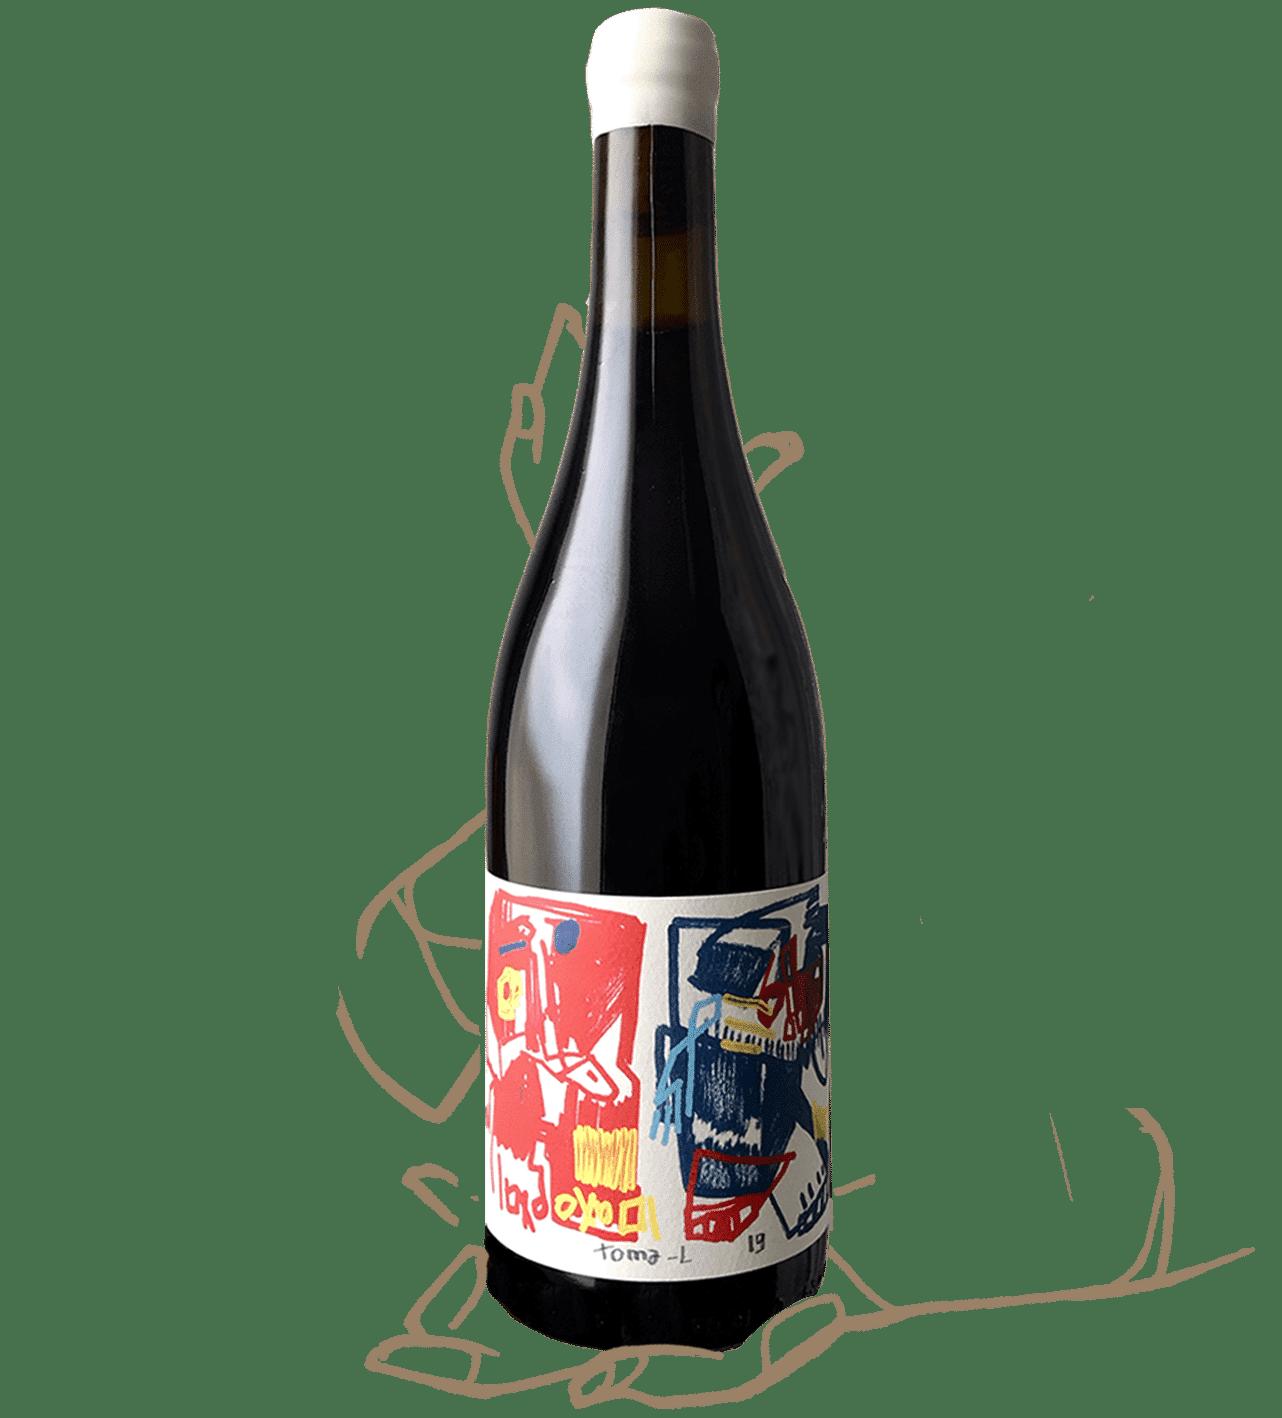 Historia de vi, vin naturel catalan du vin des potes x Tuets